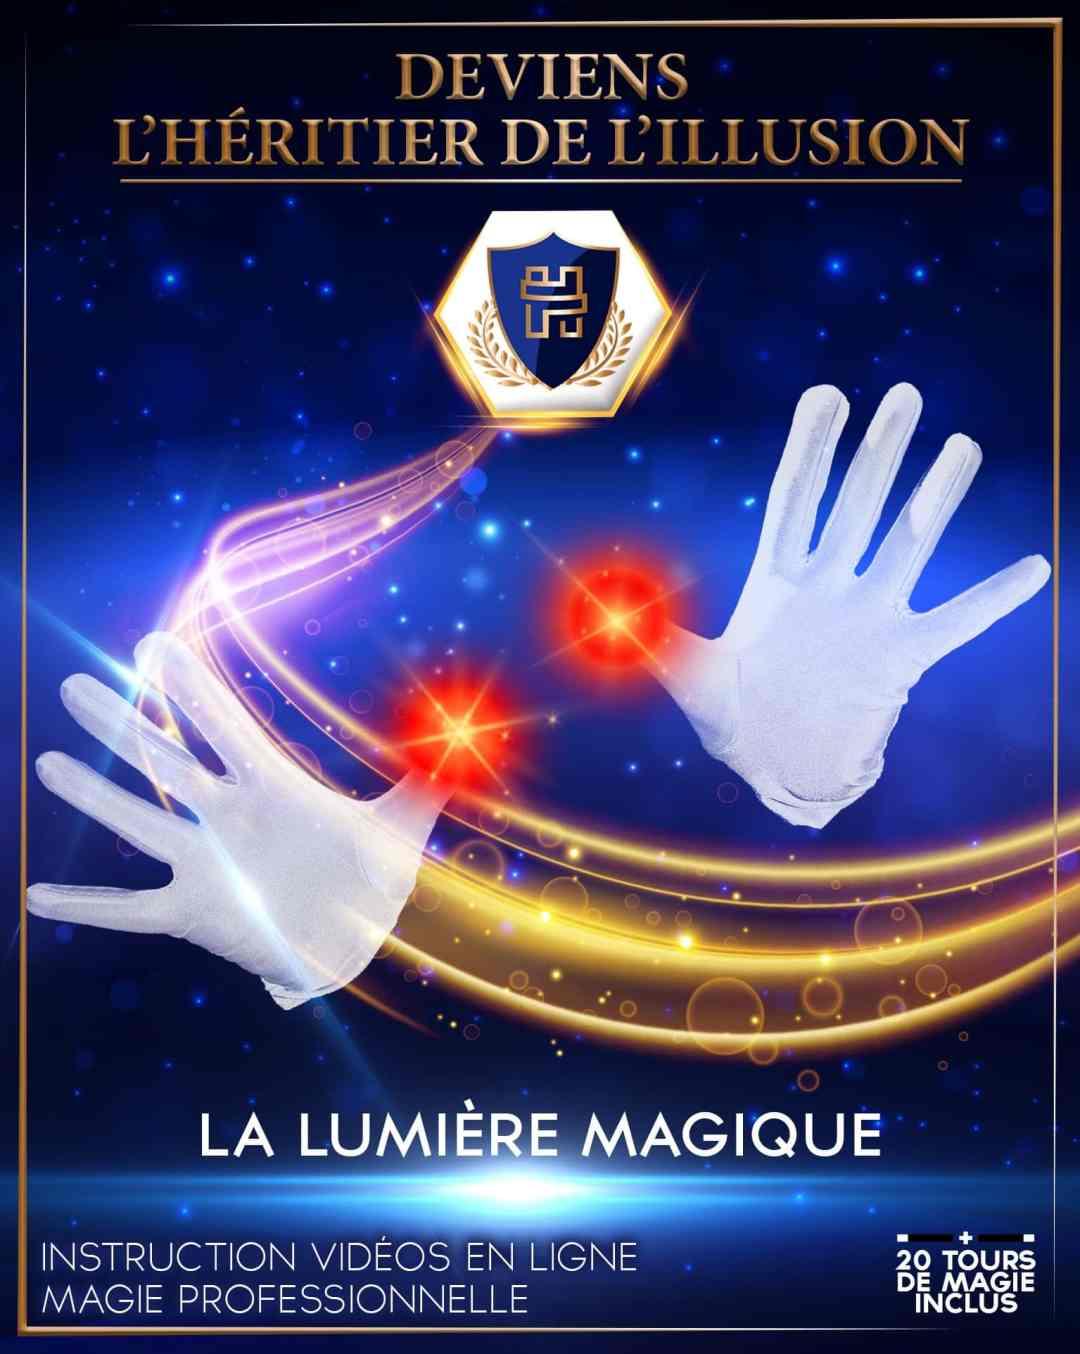 Coffret de magie enfant - La lumière magique | Boîte de magie enfant « Deviens l'Héritier de l'Illusion » N°3 - S2A Production